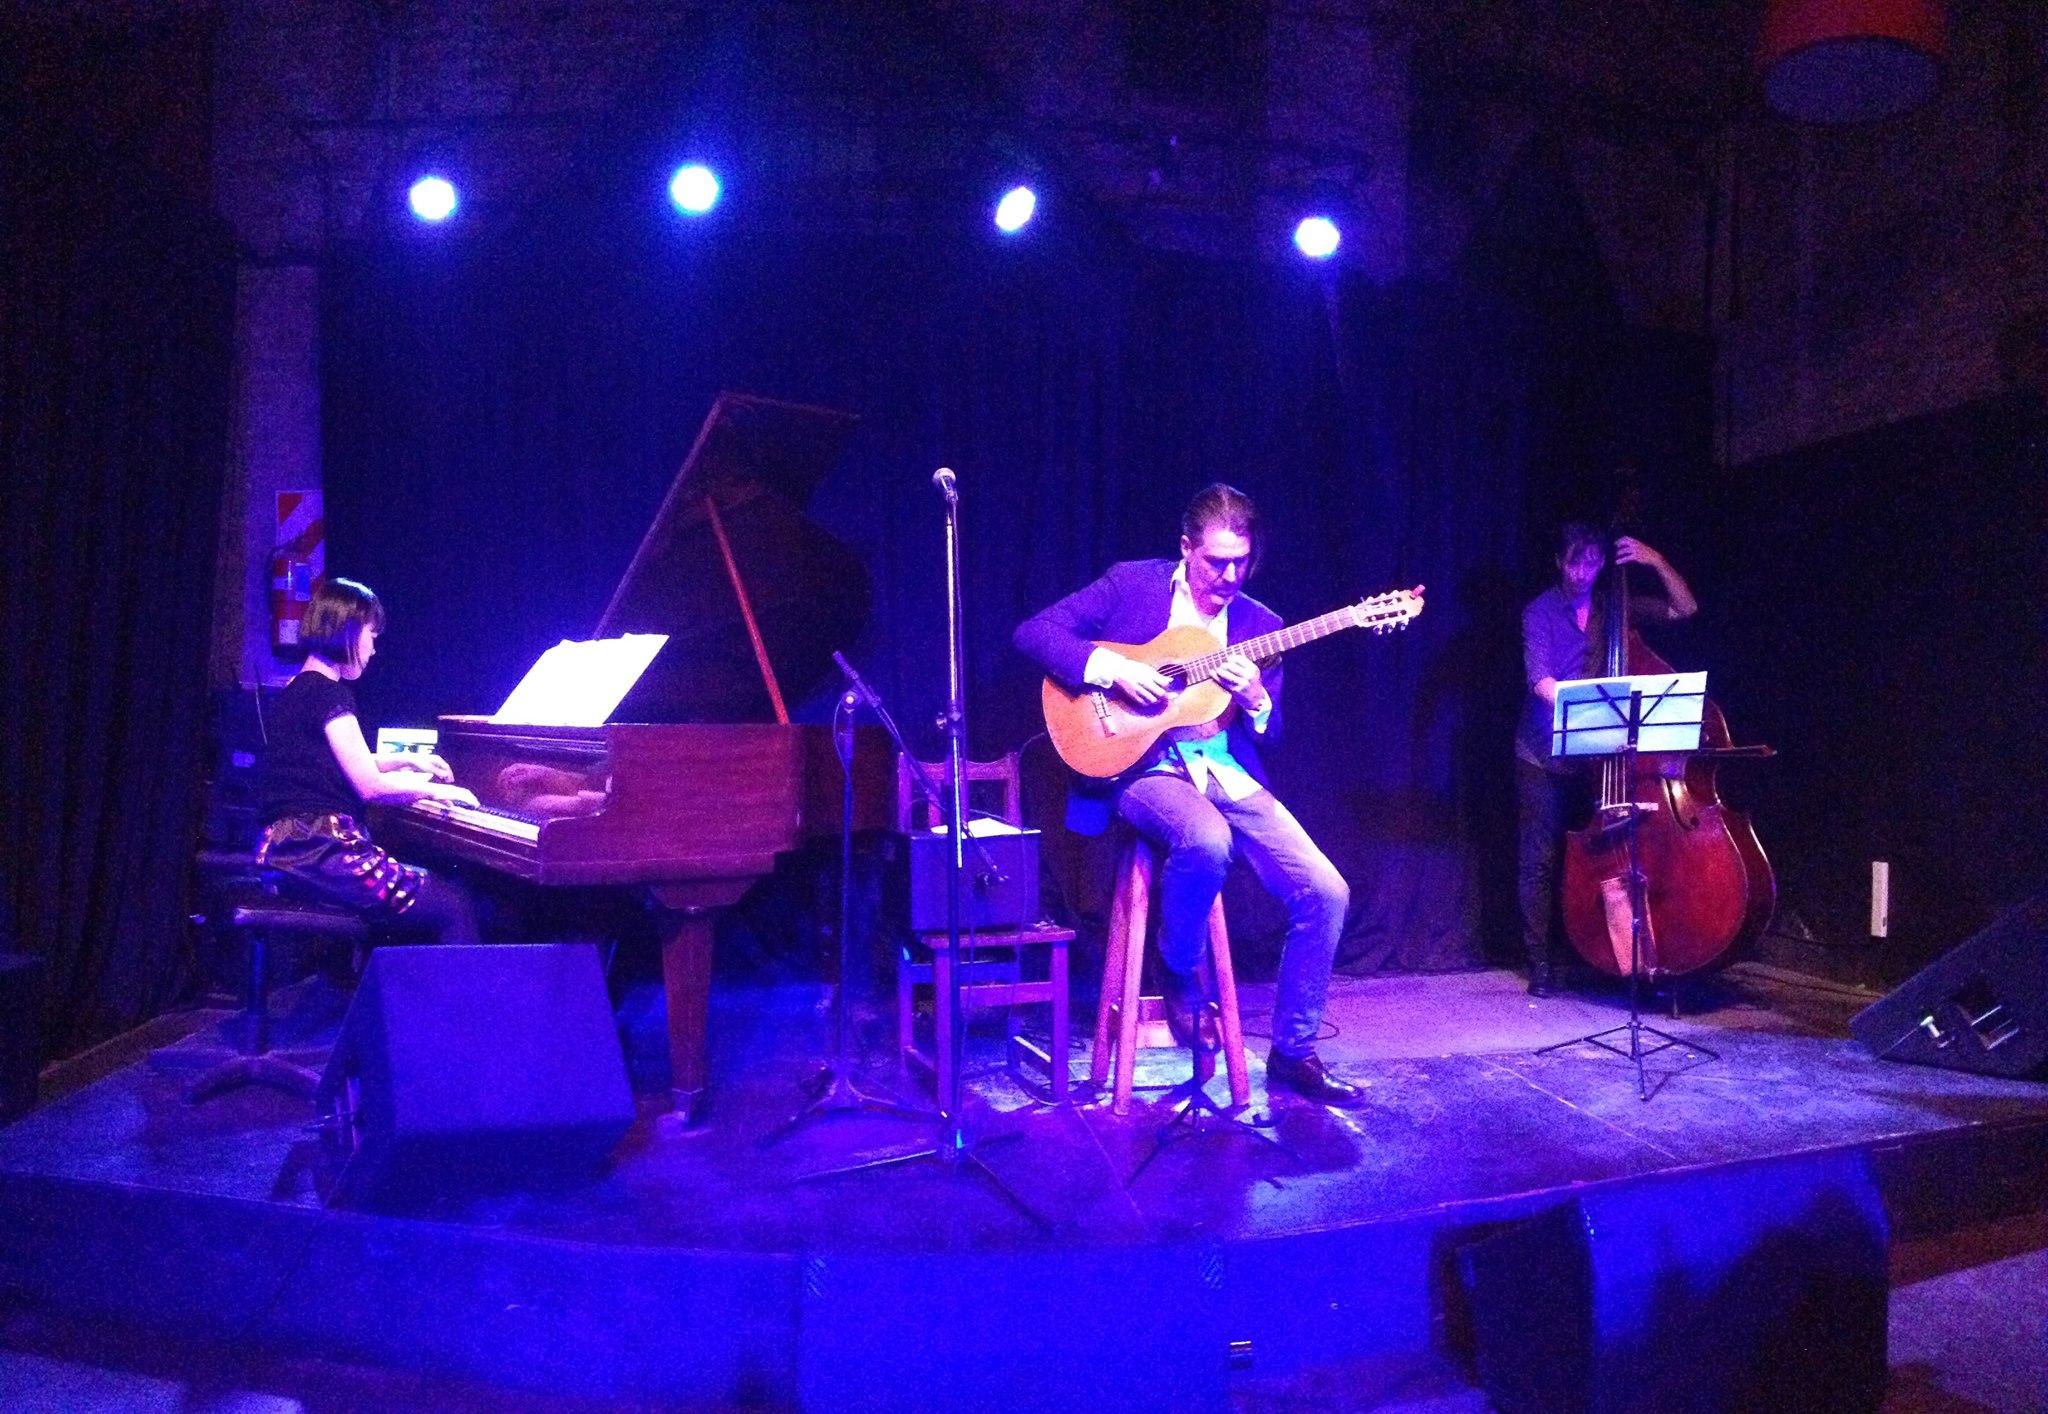 2017 - Adam Tully Trio album release concert at Oliverio Girondo, Buenos Aires